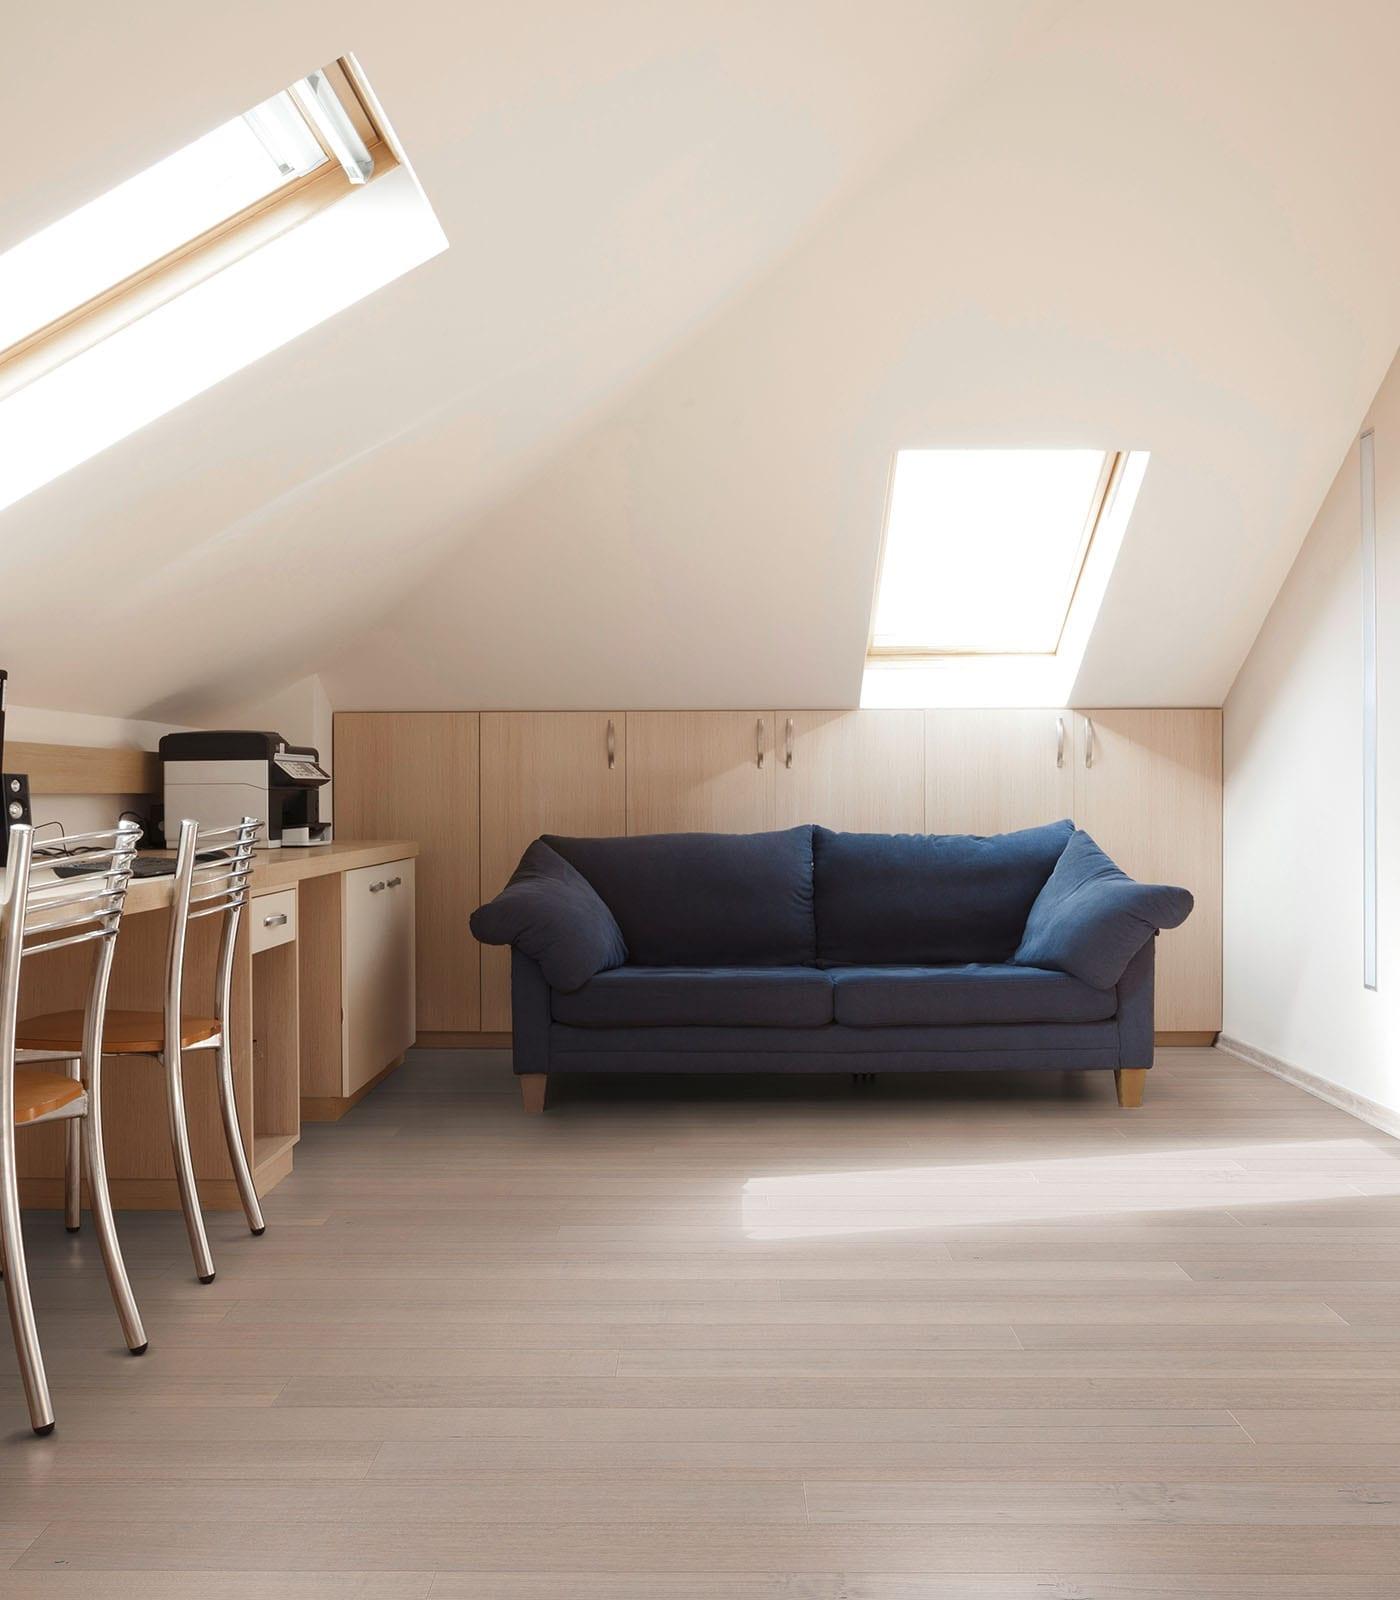 Esperence-Engineered Tasmanian Oak floors